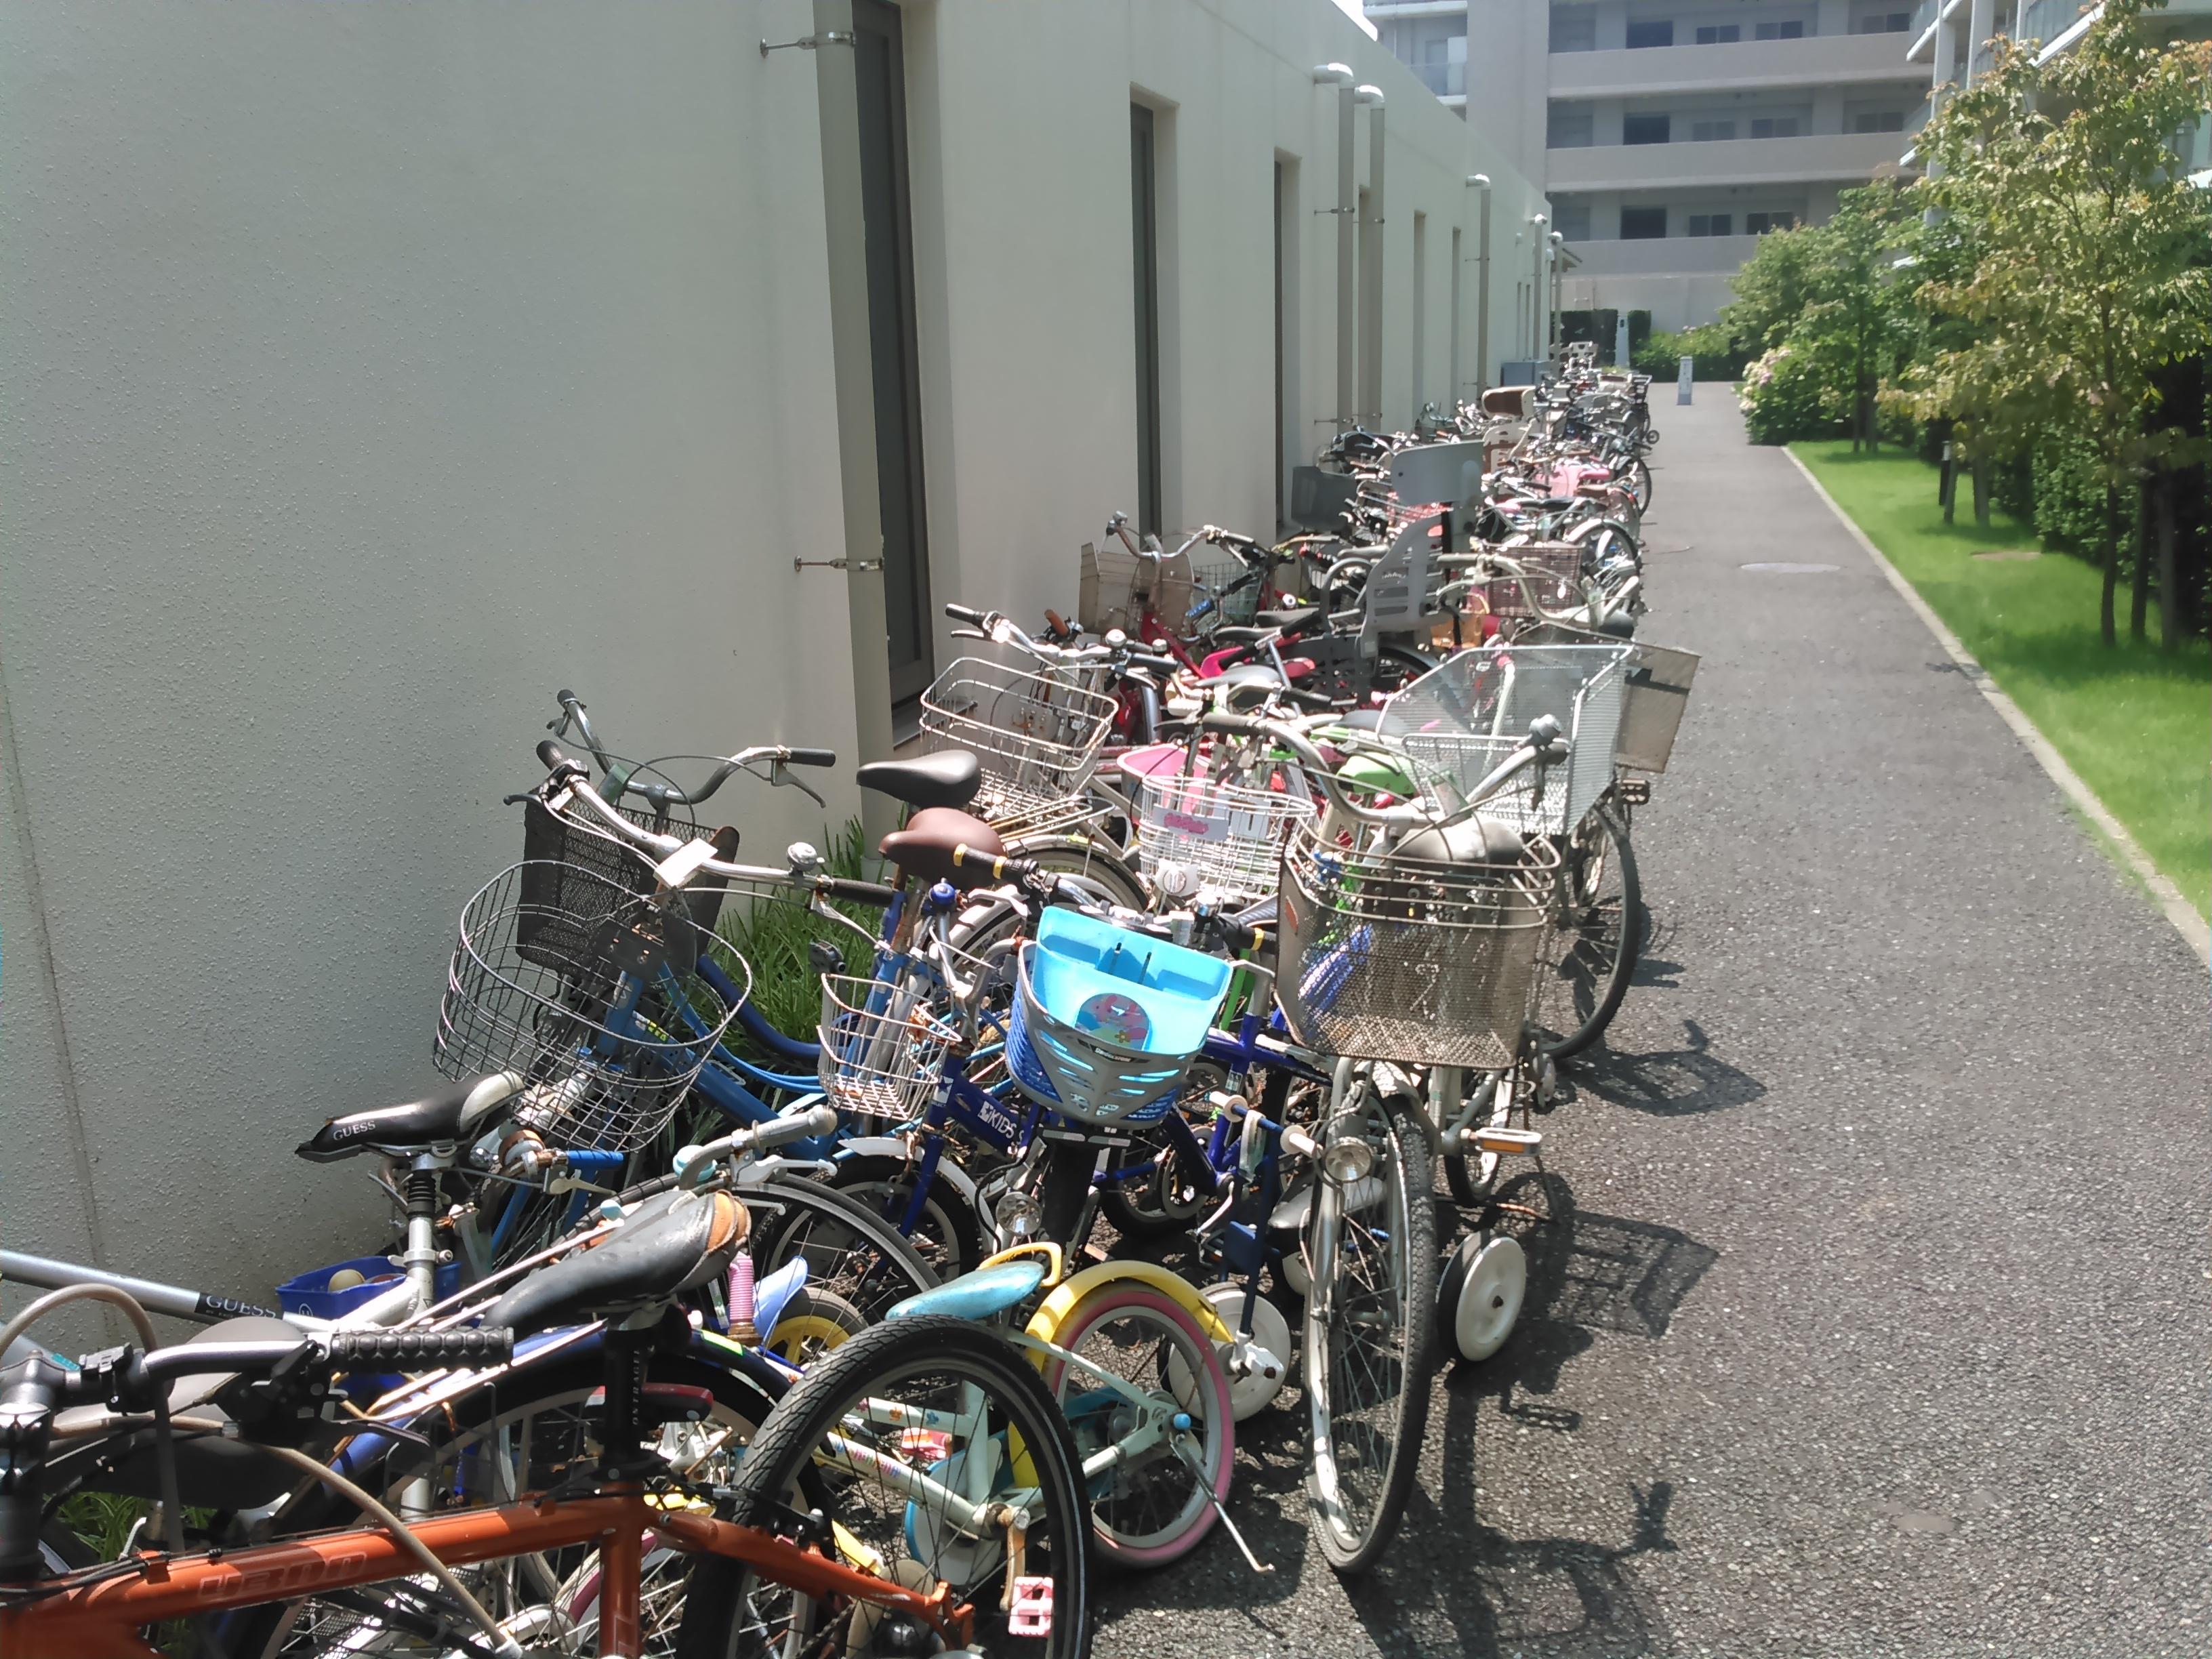 自転車の 自転車 回収 横浜市 : 横浜市港北区不要自転車撤去 ...